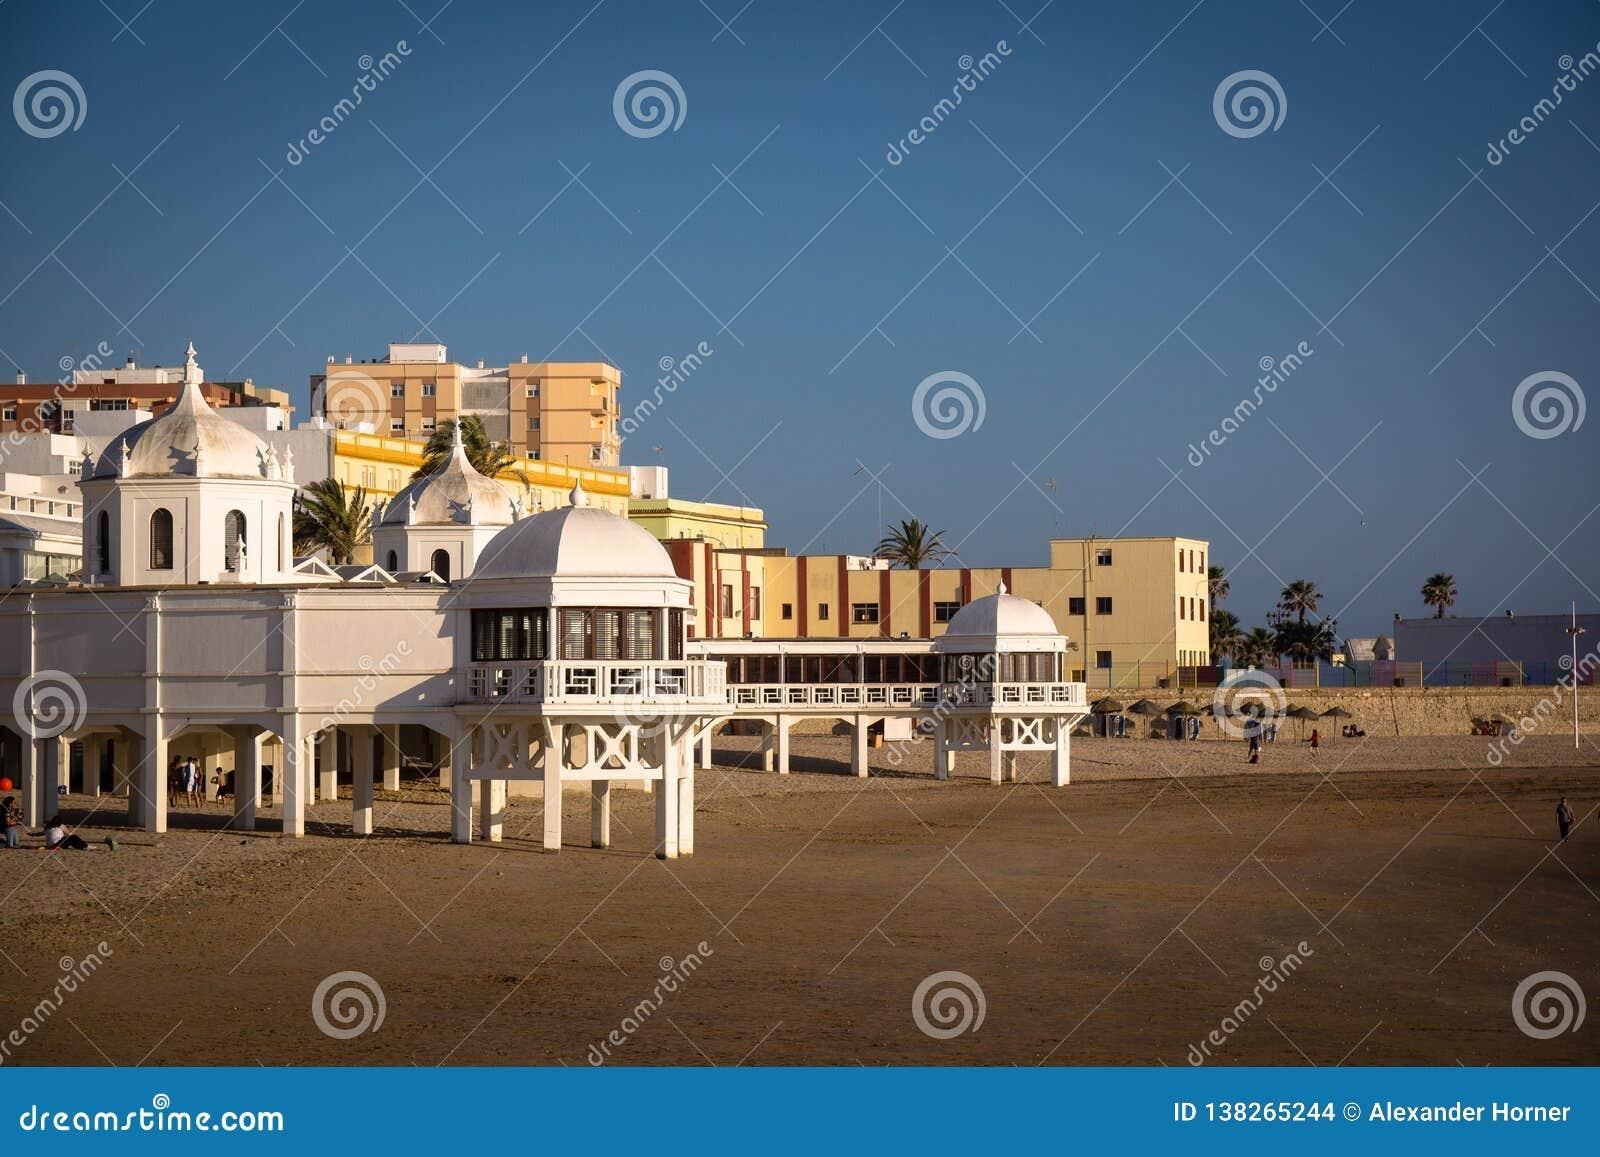 Playa-La Caleta in Cadiz Andalusien